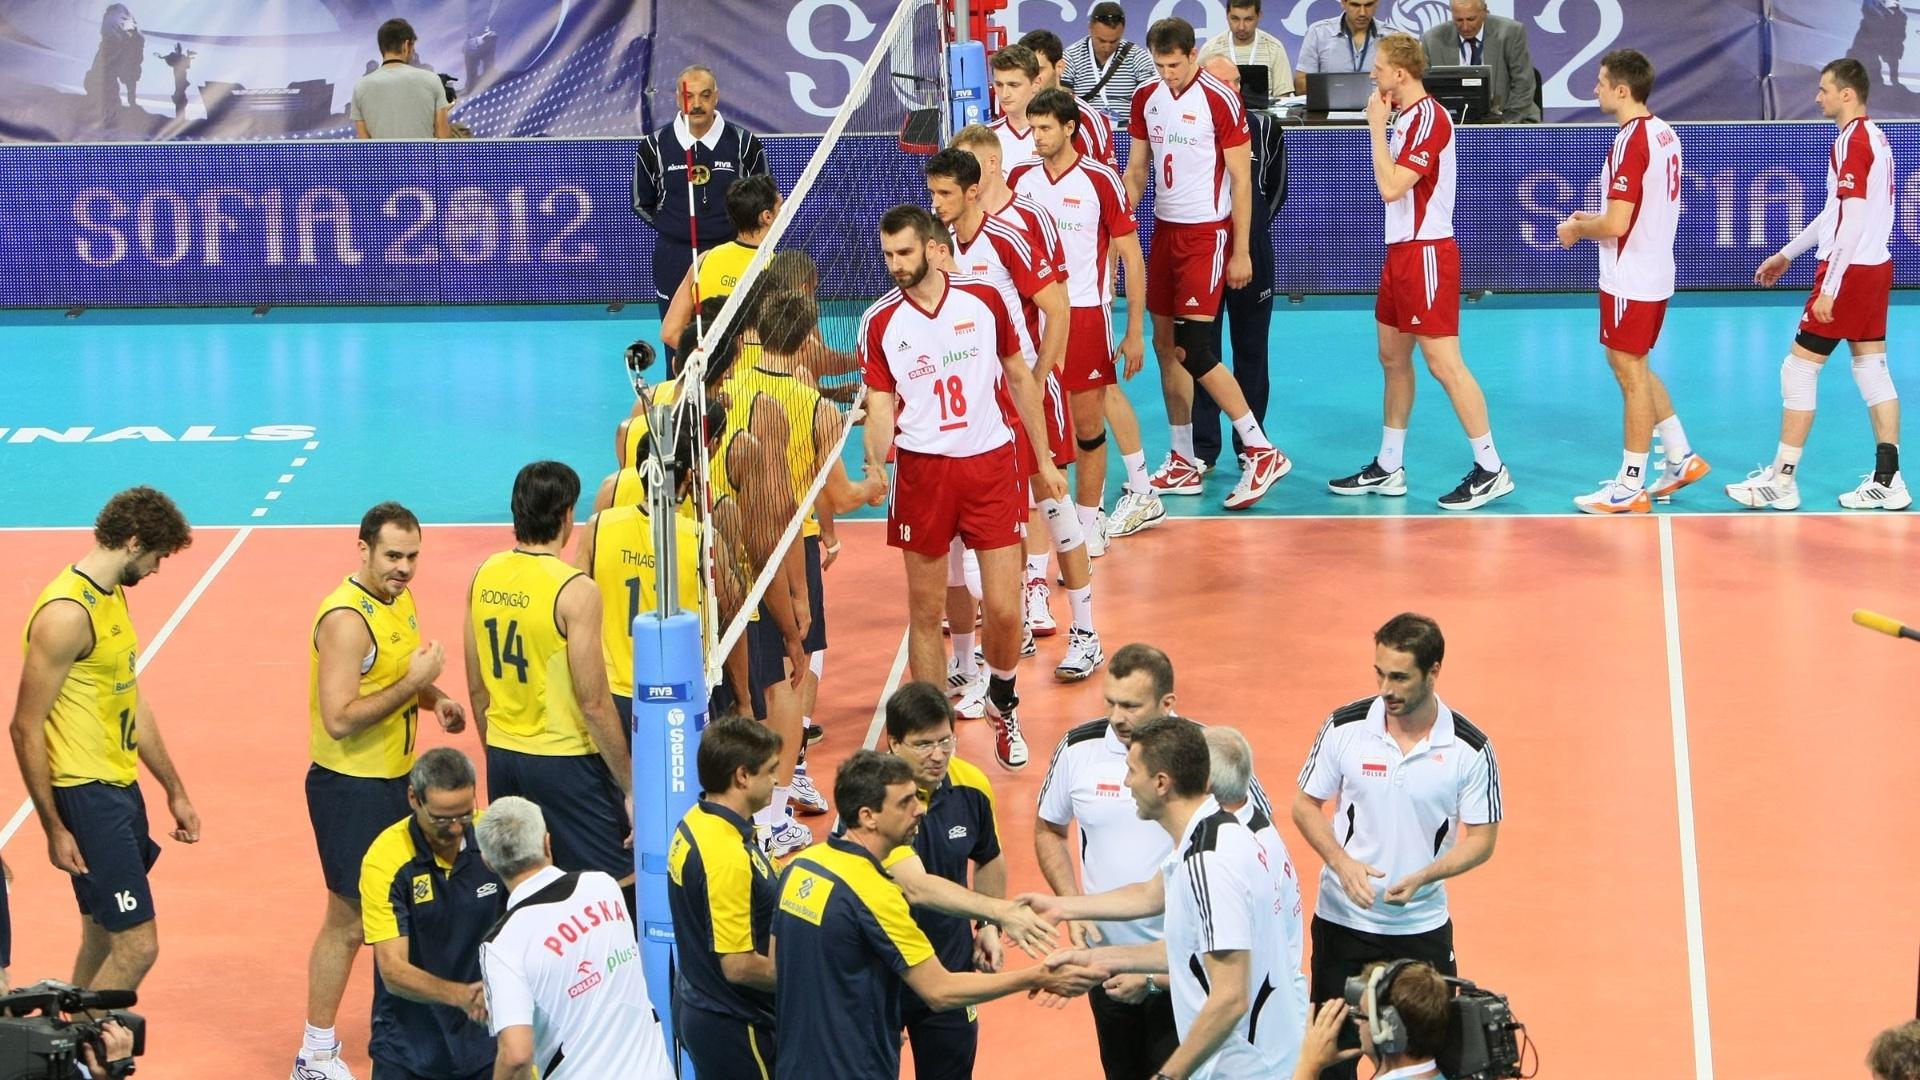 Brasileiros e poloneses cumprimentam-se na rede antes do início do jogo desta quinta-feira em Sófia, Bulgária (05/07/2012)